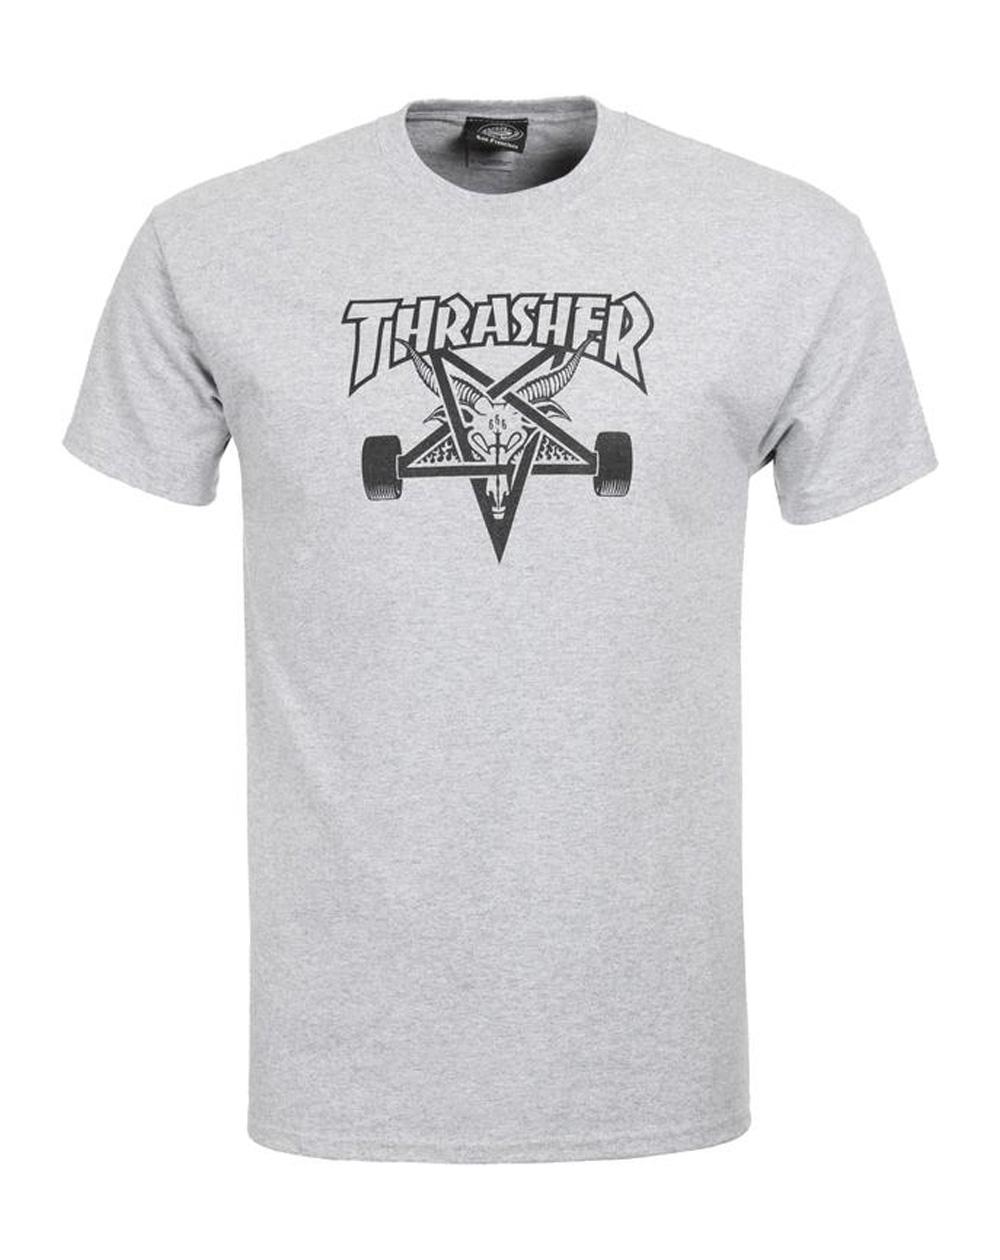 Thrasher Men's T-Shirt Skate Goat Grey